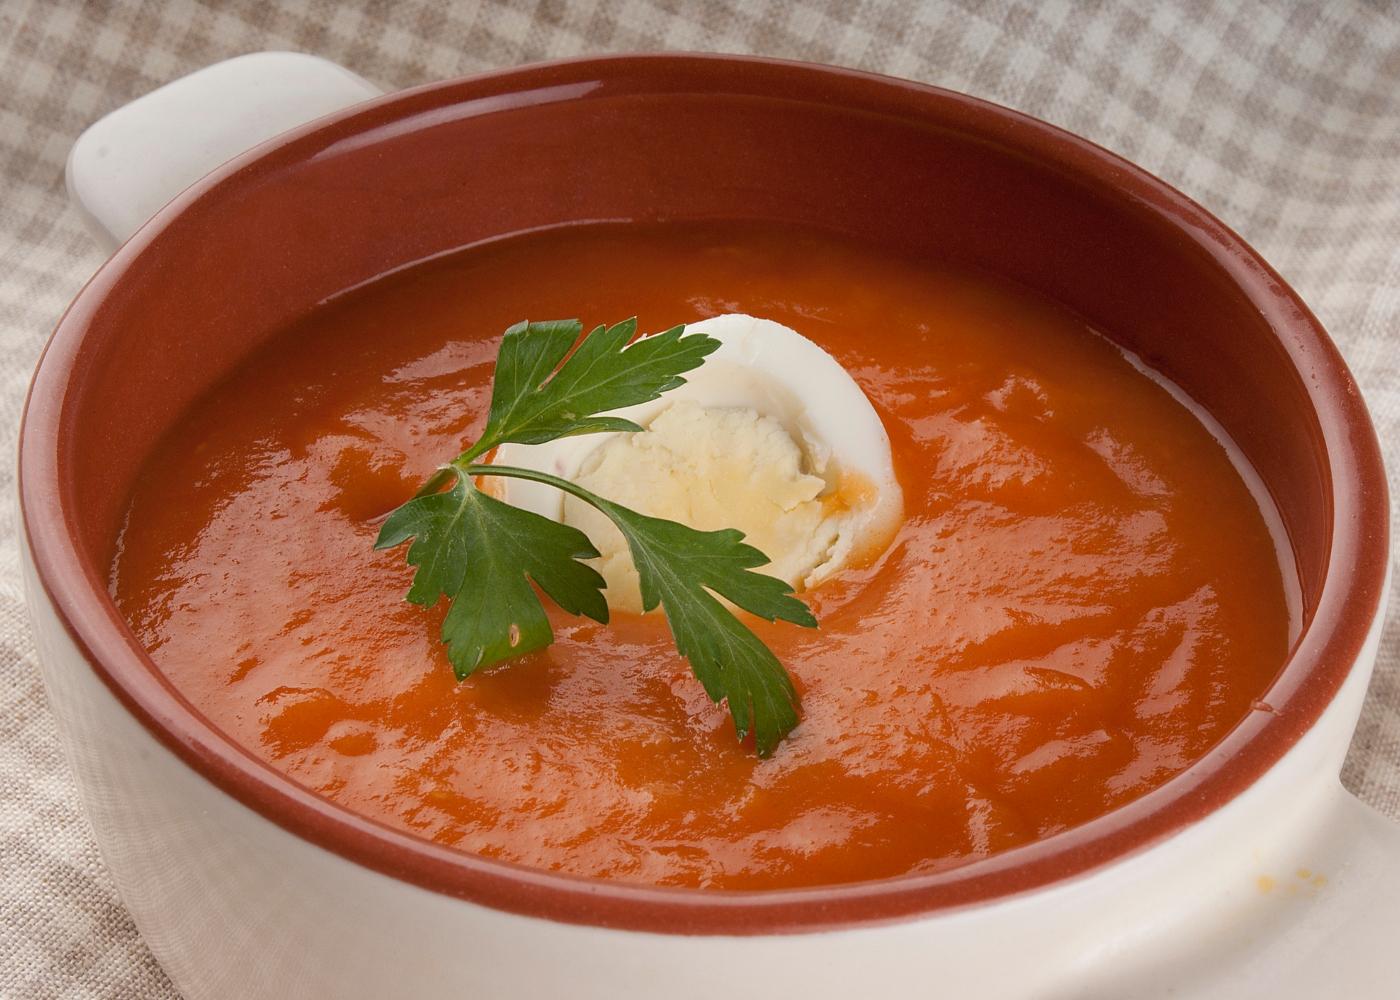 tigela com sopa de tomate e ovo escalfado